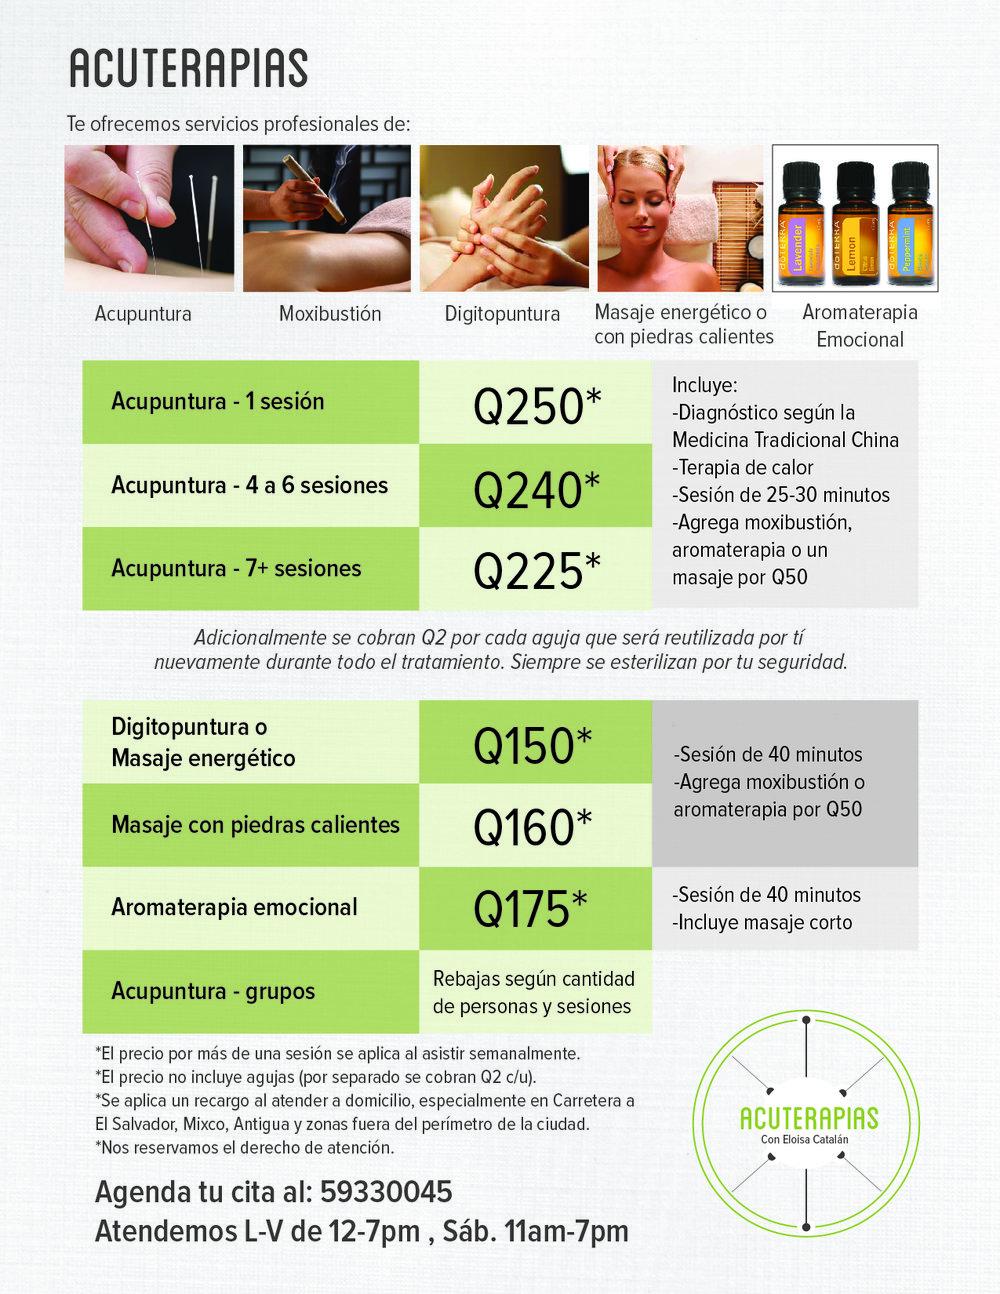 Acuterapias info_v02_web-01.jpg